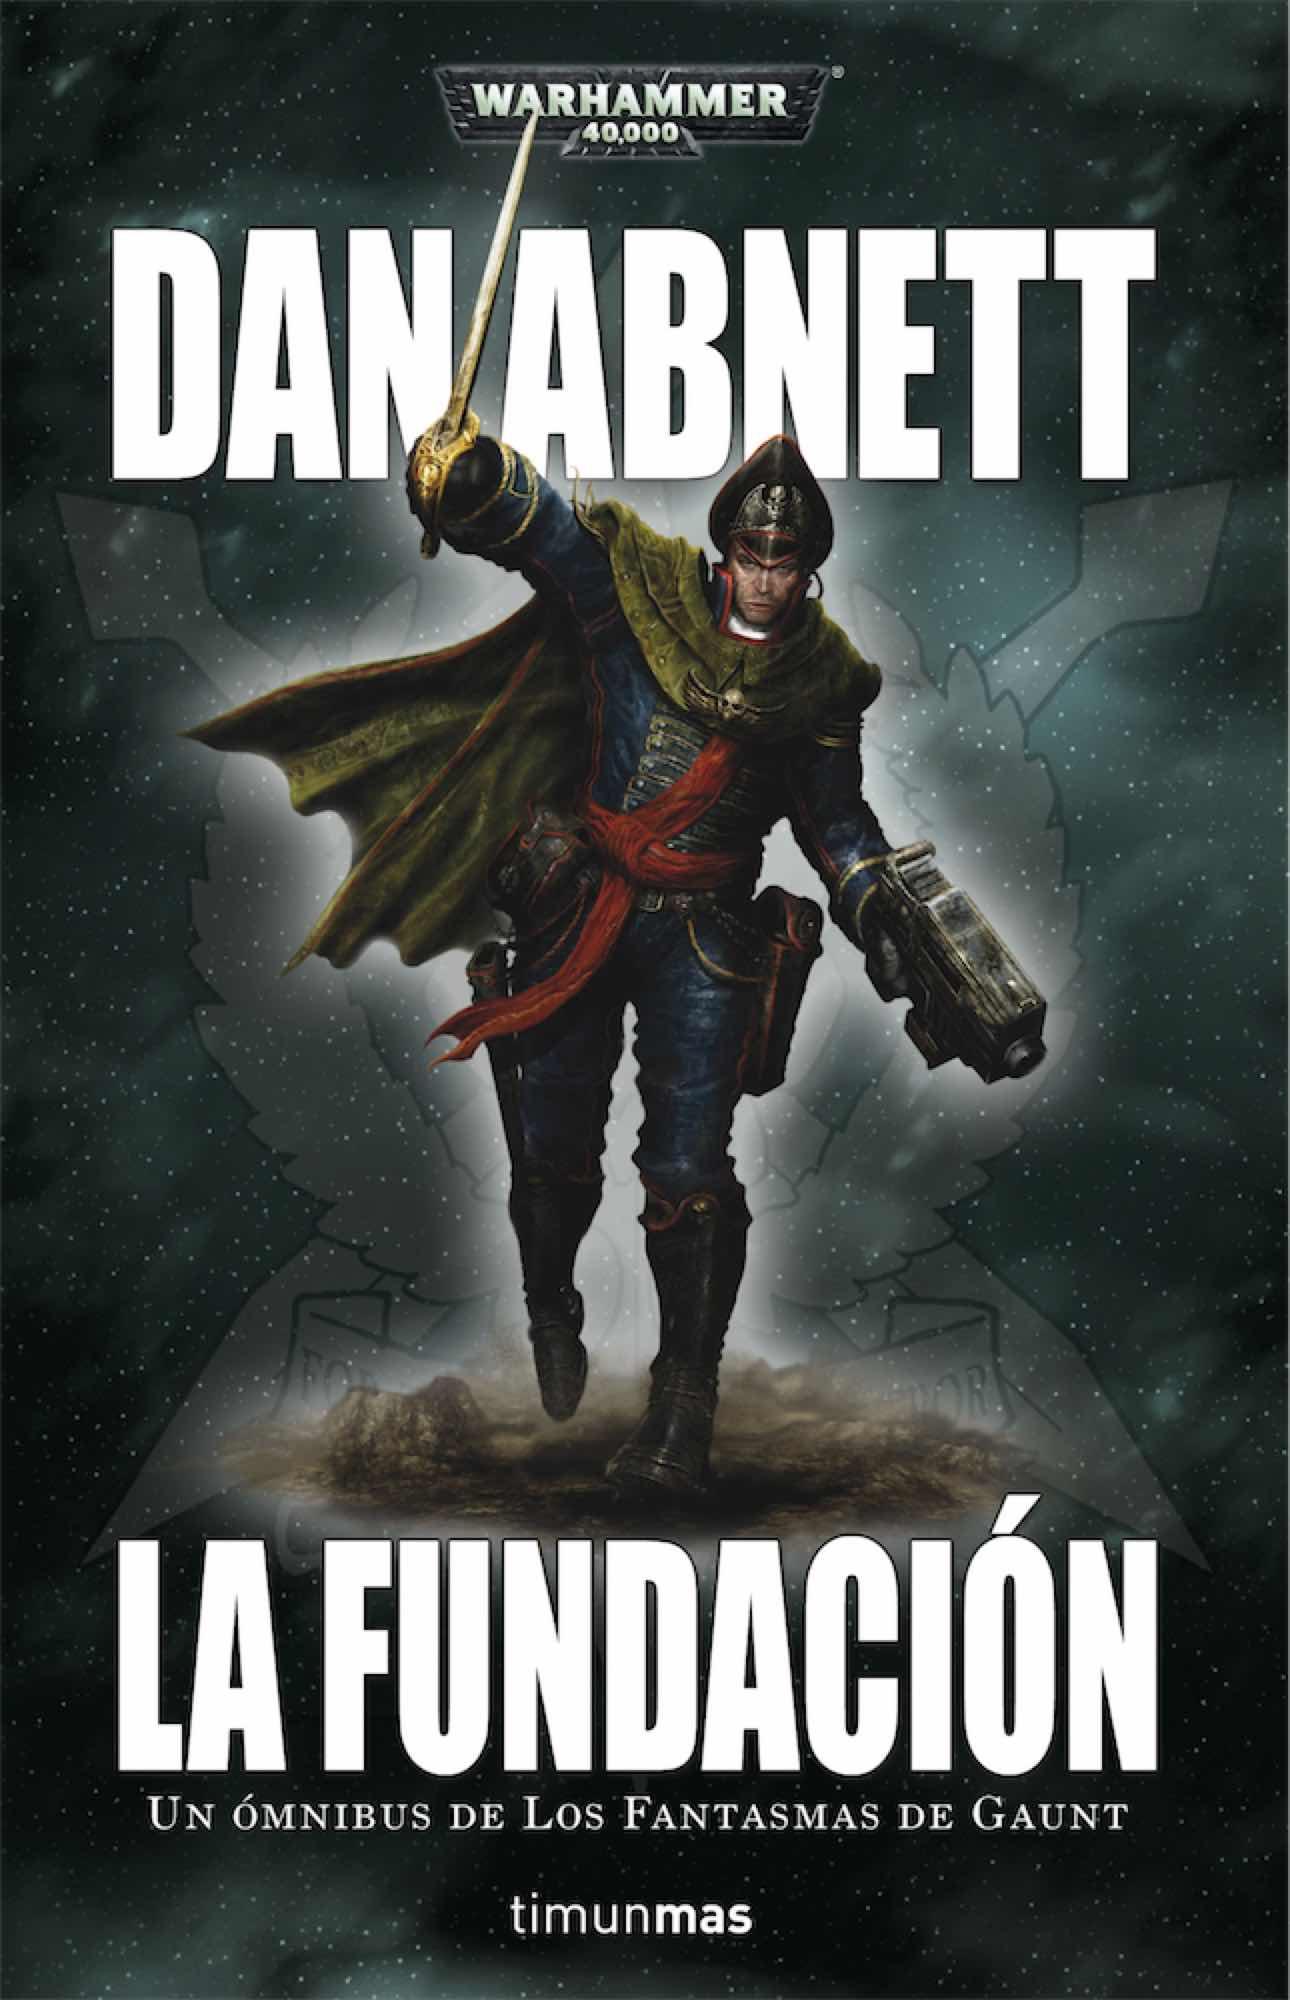 LA FUNDACION. LOS FANTASMAS DE GAUNT (PRIMER OMNIBUS)